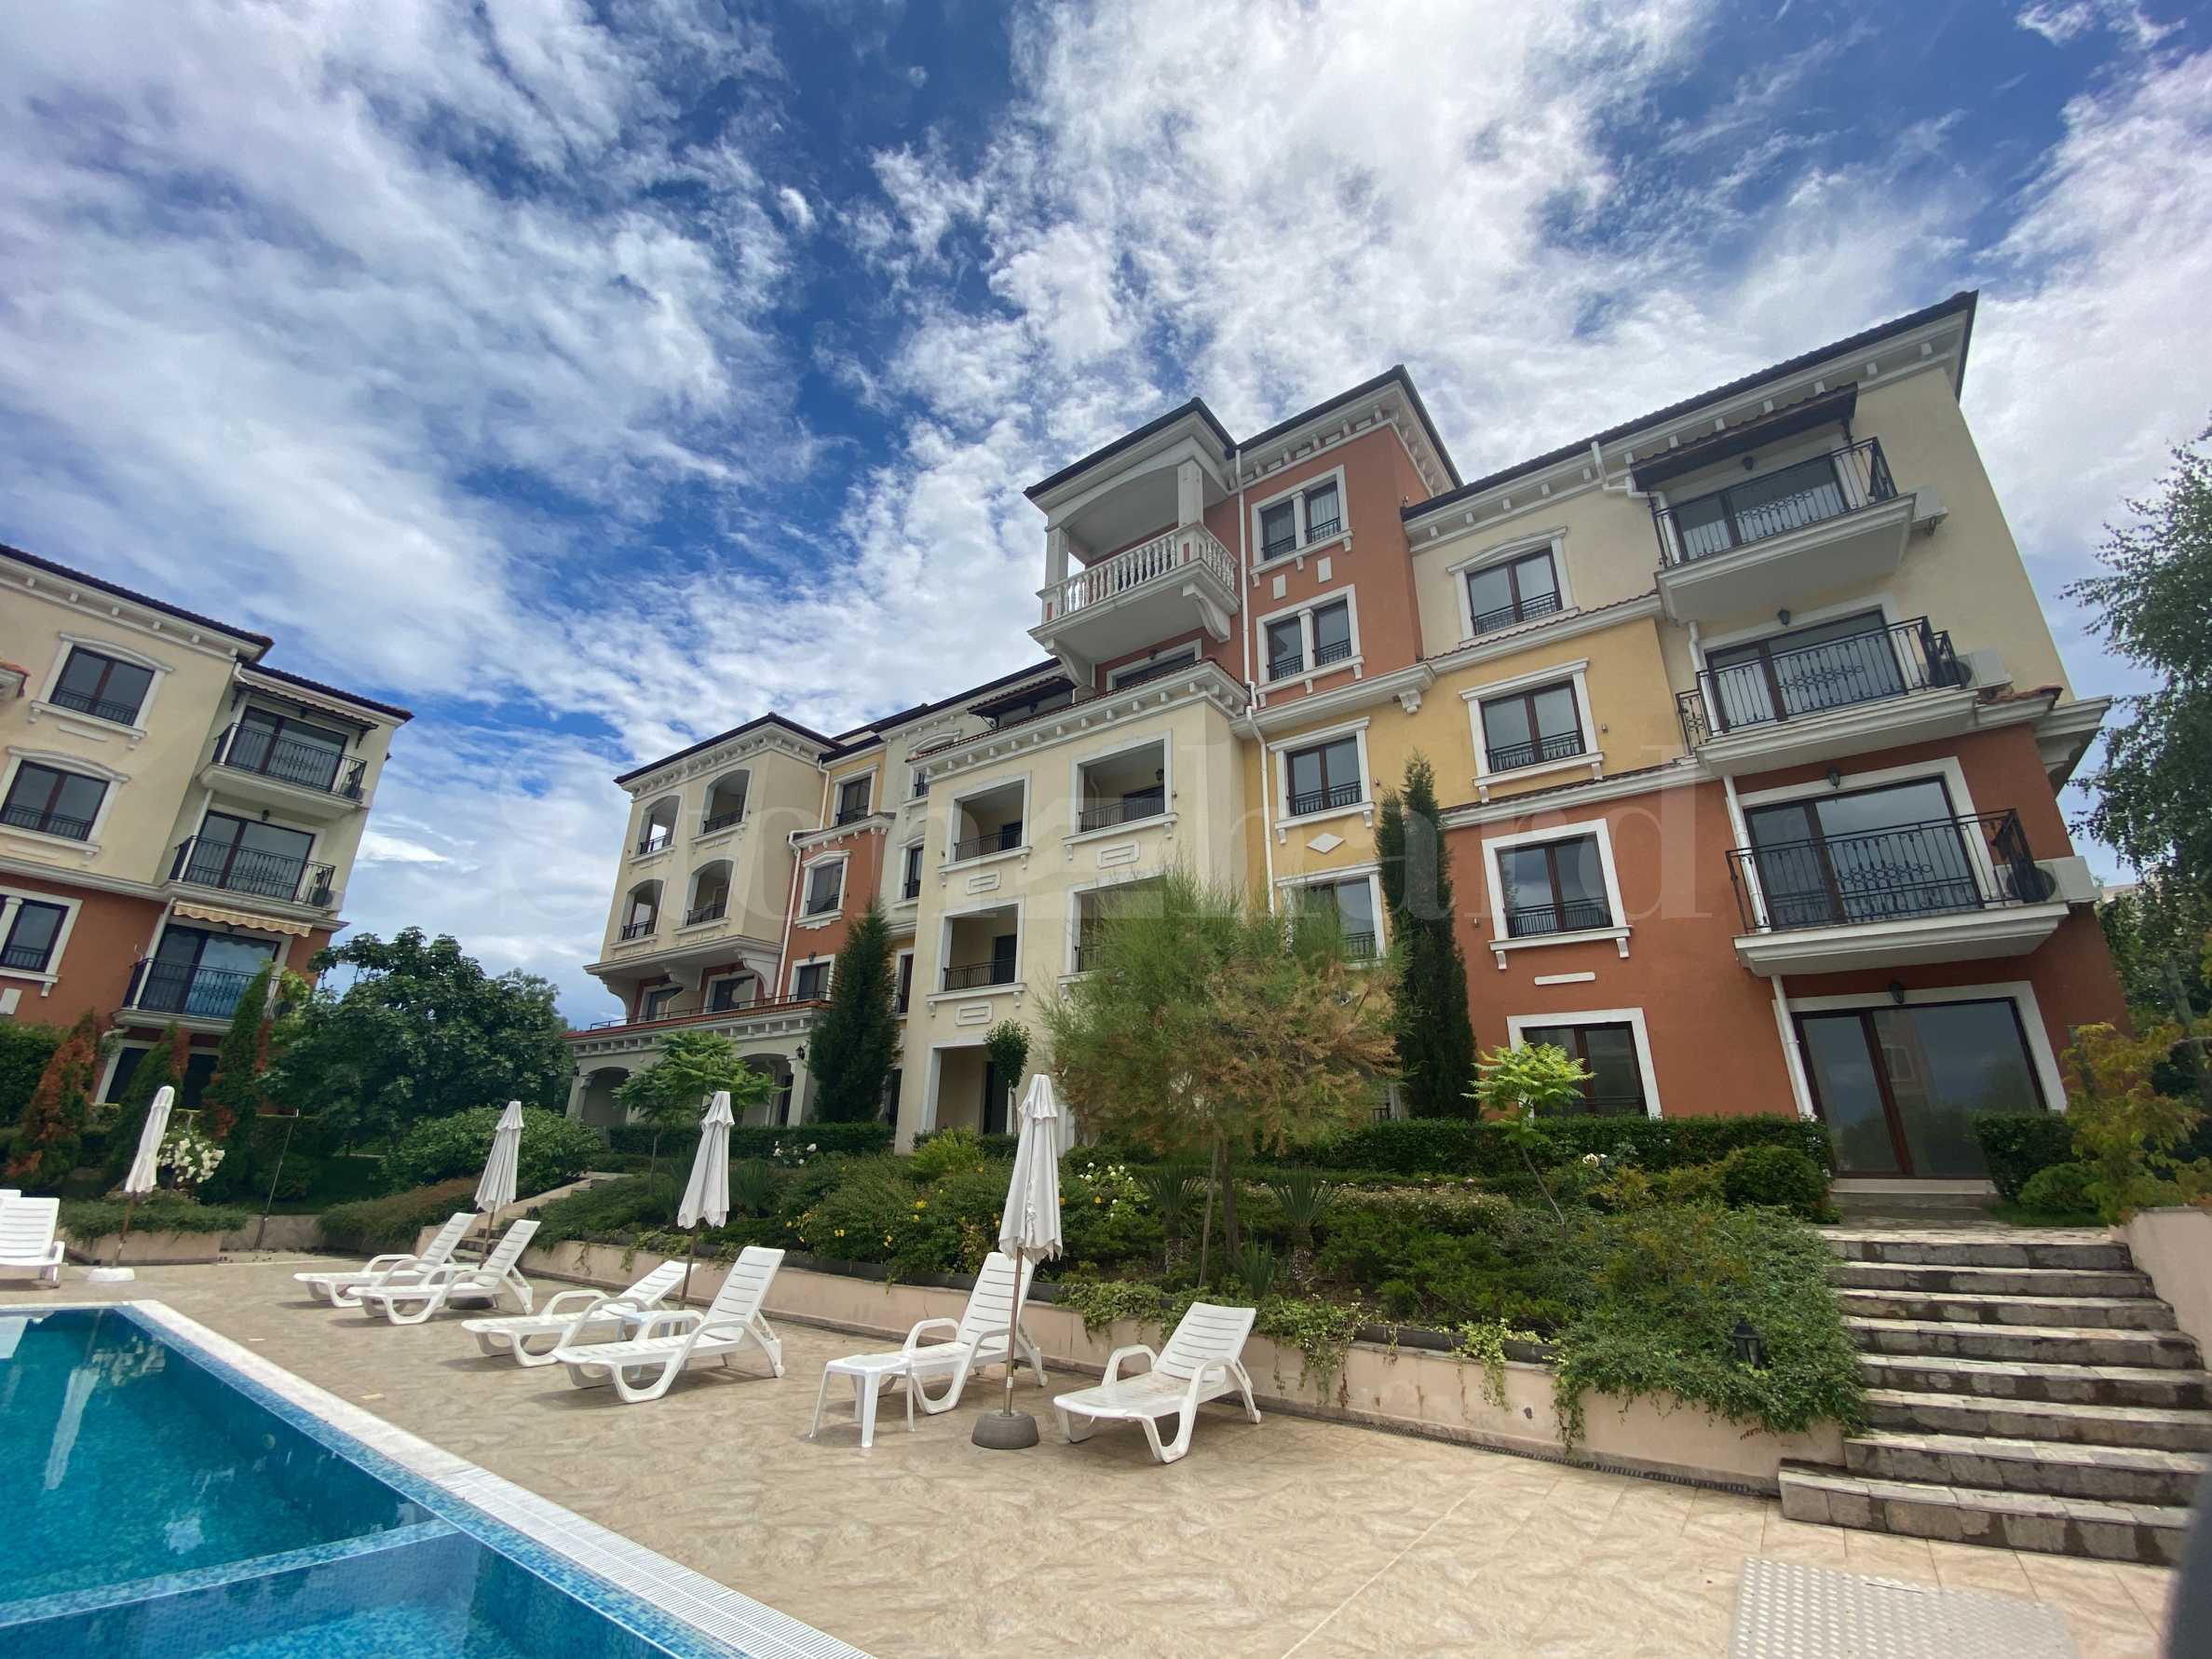 Ваканционни апартаменти в комплекс ново строителство на Каваците2 - Stonehard